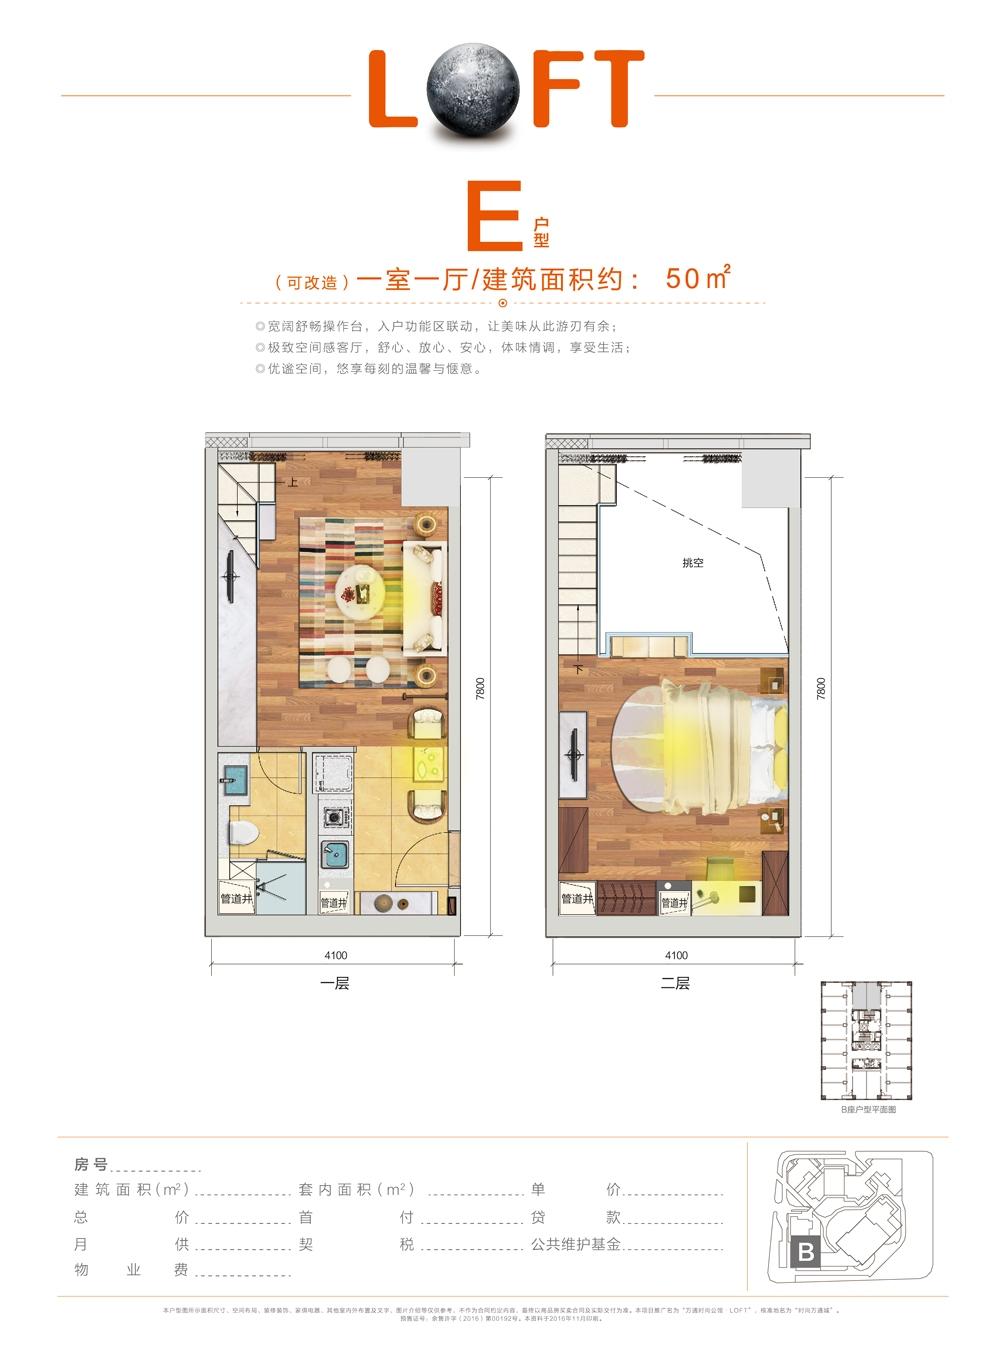 万通时尚公馆loft公寓E户型50方